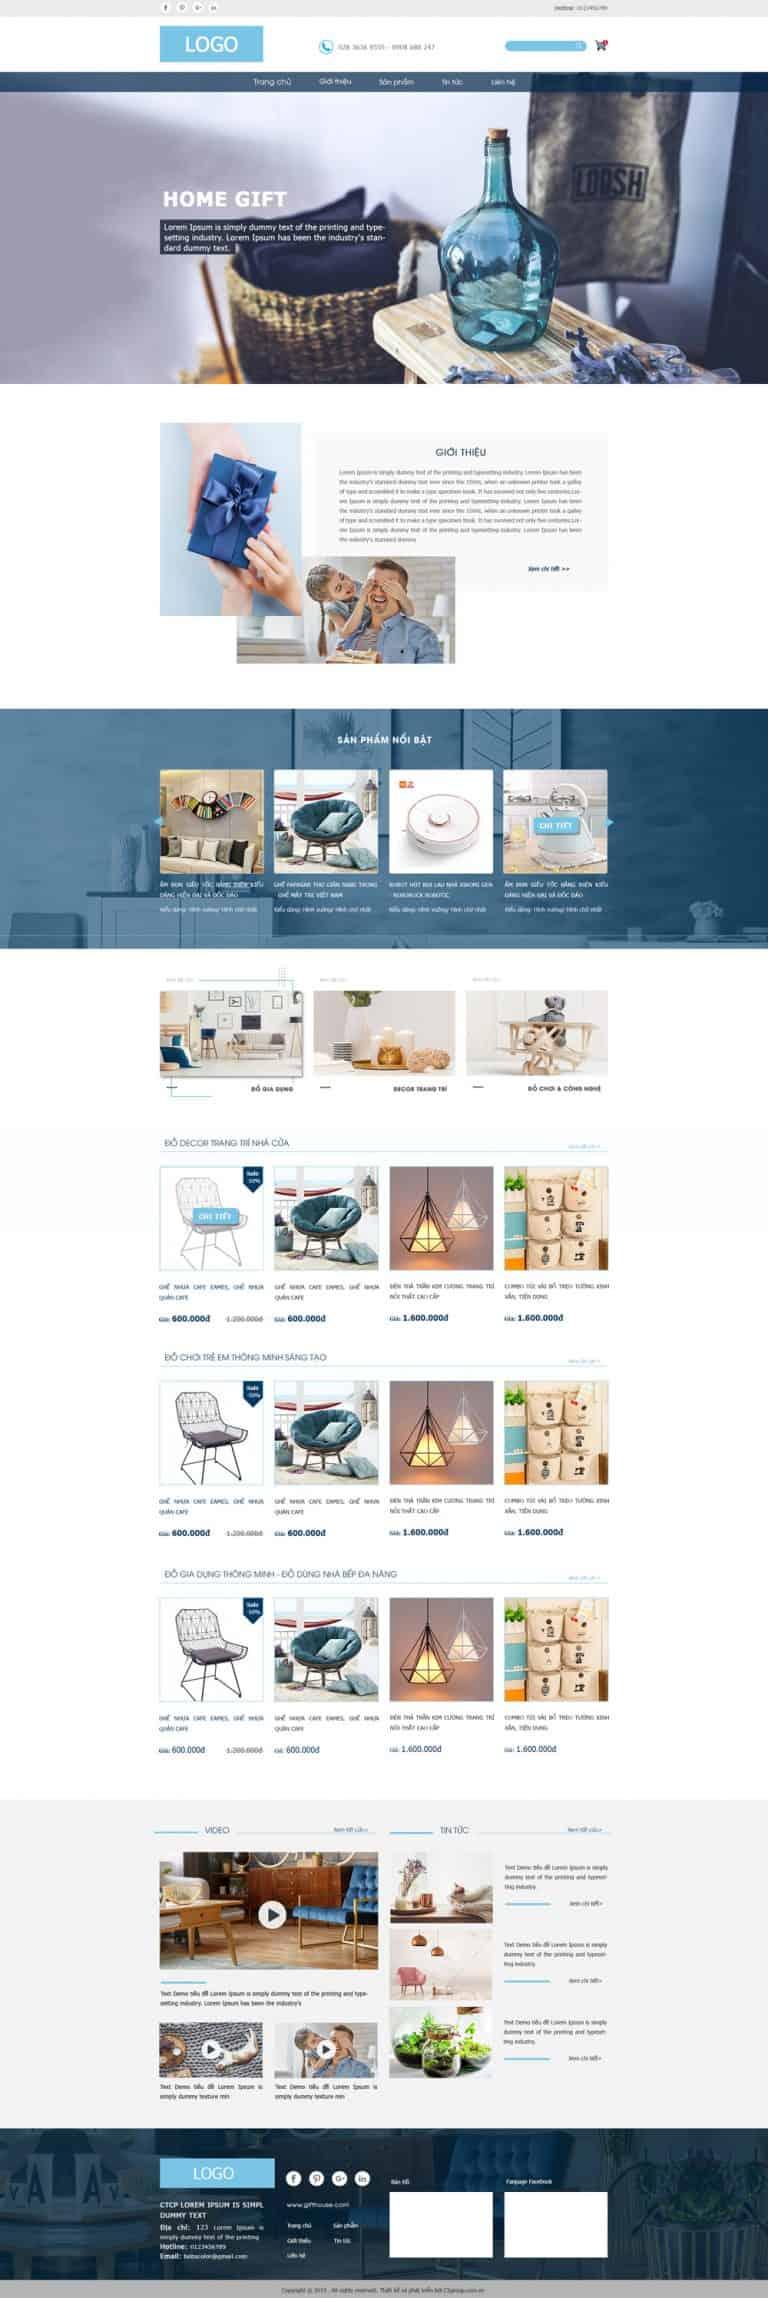 Thiết kế website Bán đồ dùng tiện ích